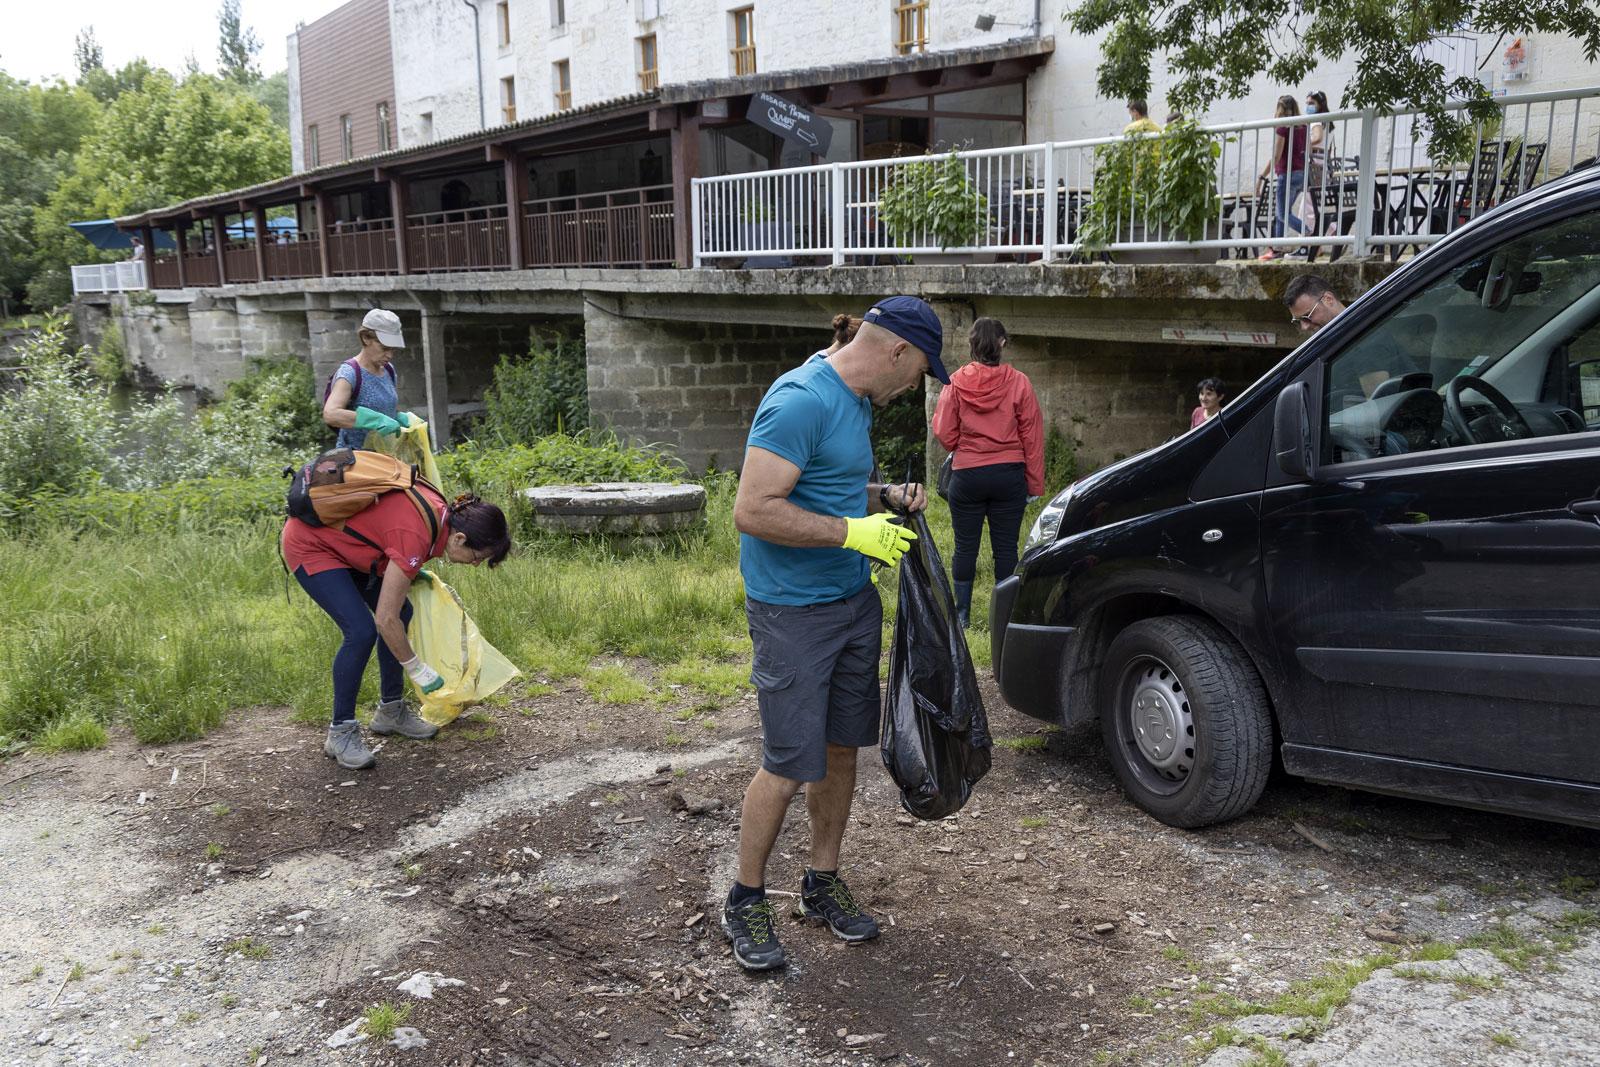 Nettoyage de la nature 2021